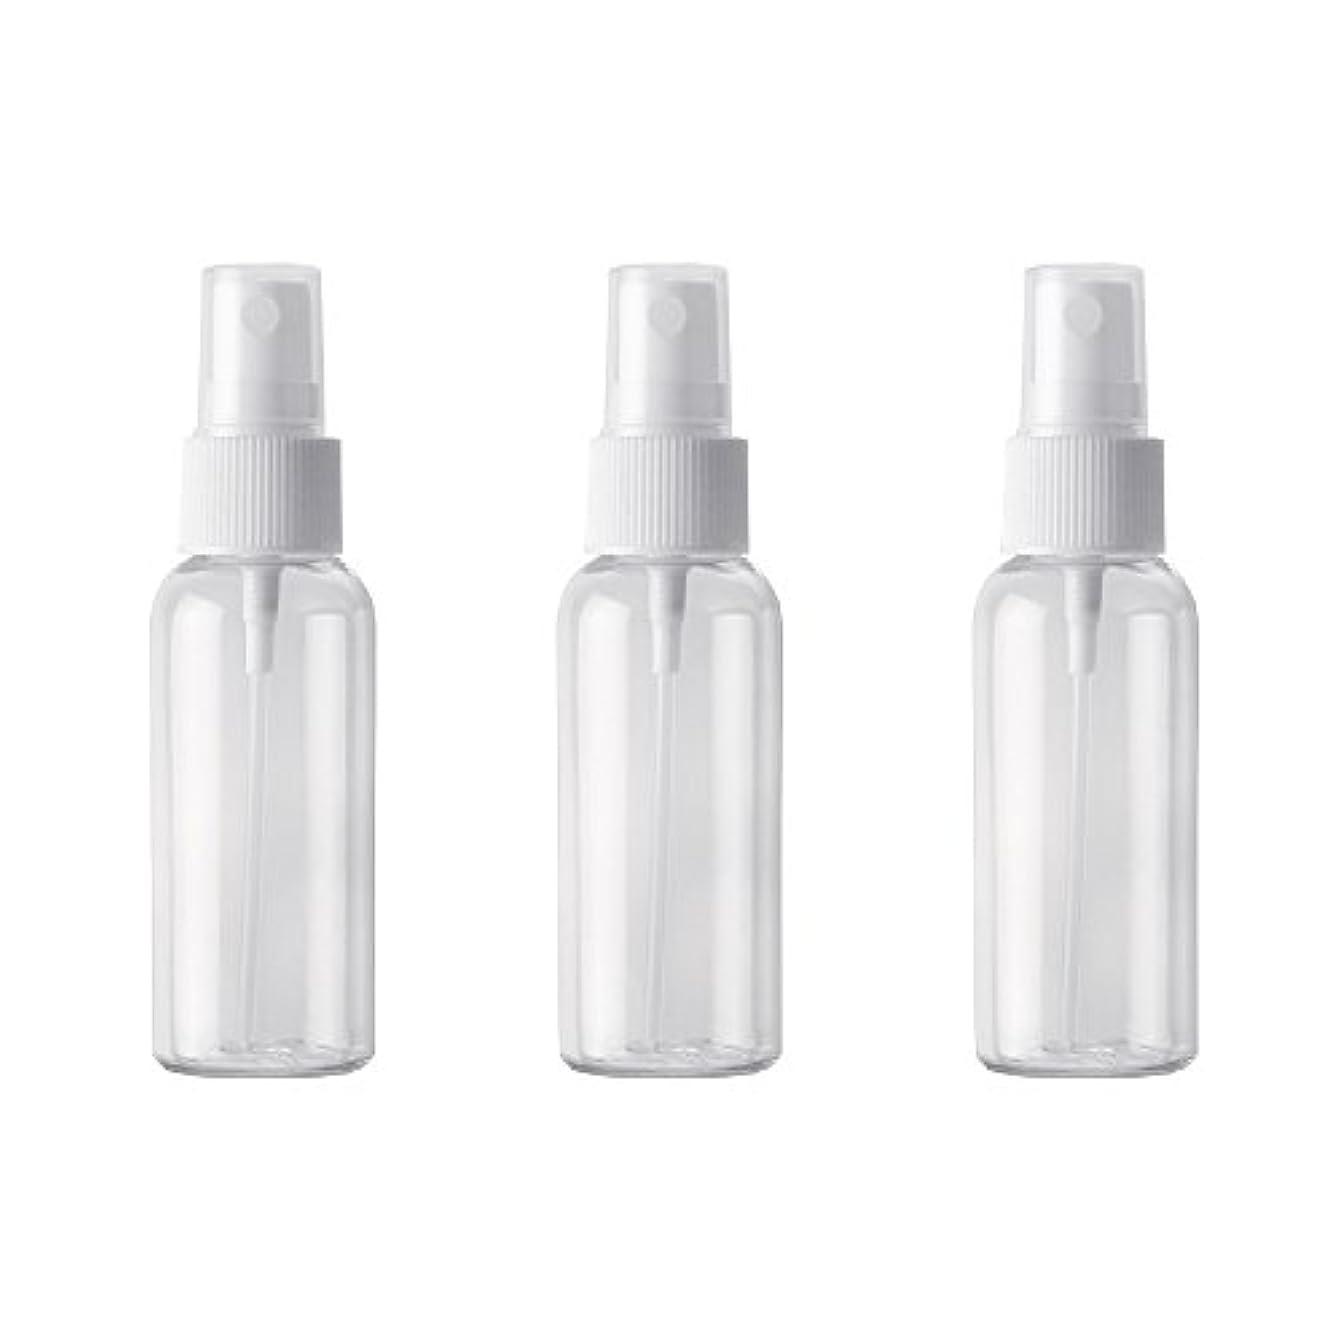 費用液体真面目なPET小分けボトル トラベルボトル スプレーボトル 3本セット 霧吹き 小分け容器 化粧水 精製水 詰替ボトル 旅行用(50ml )